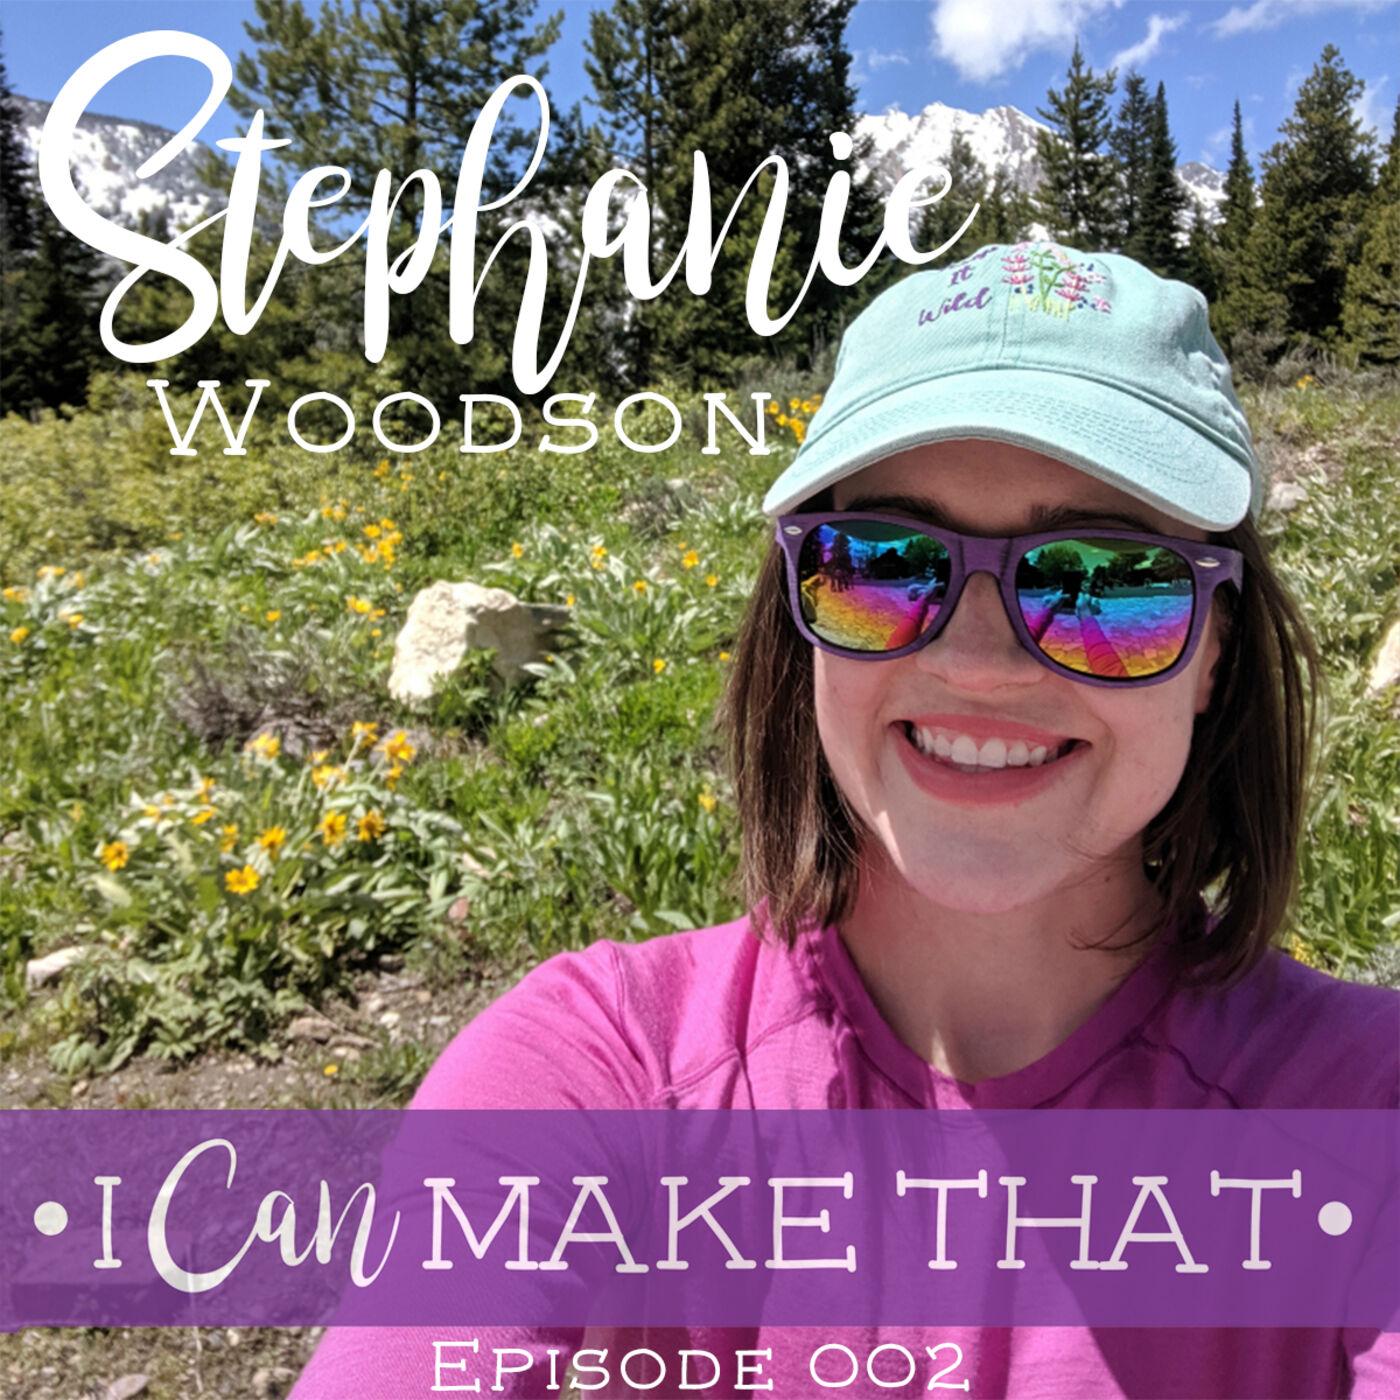 E002: Stephanie Woodson, Swoodson Says